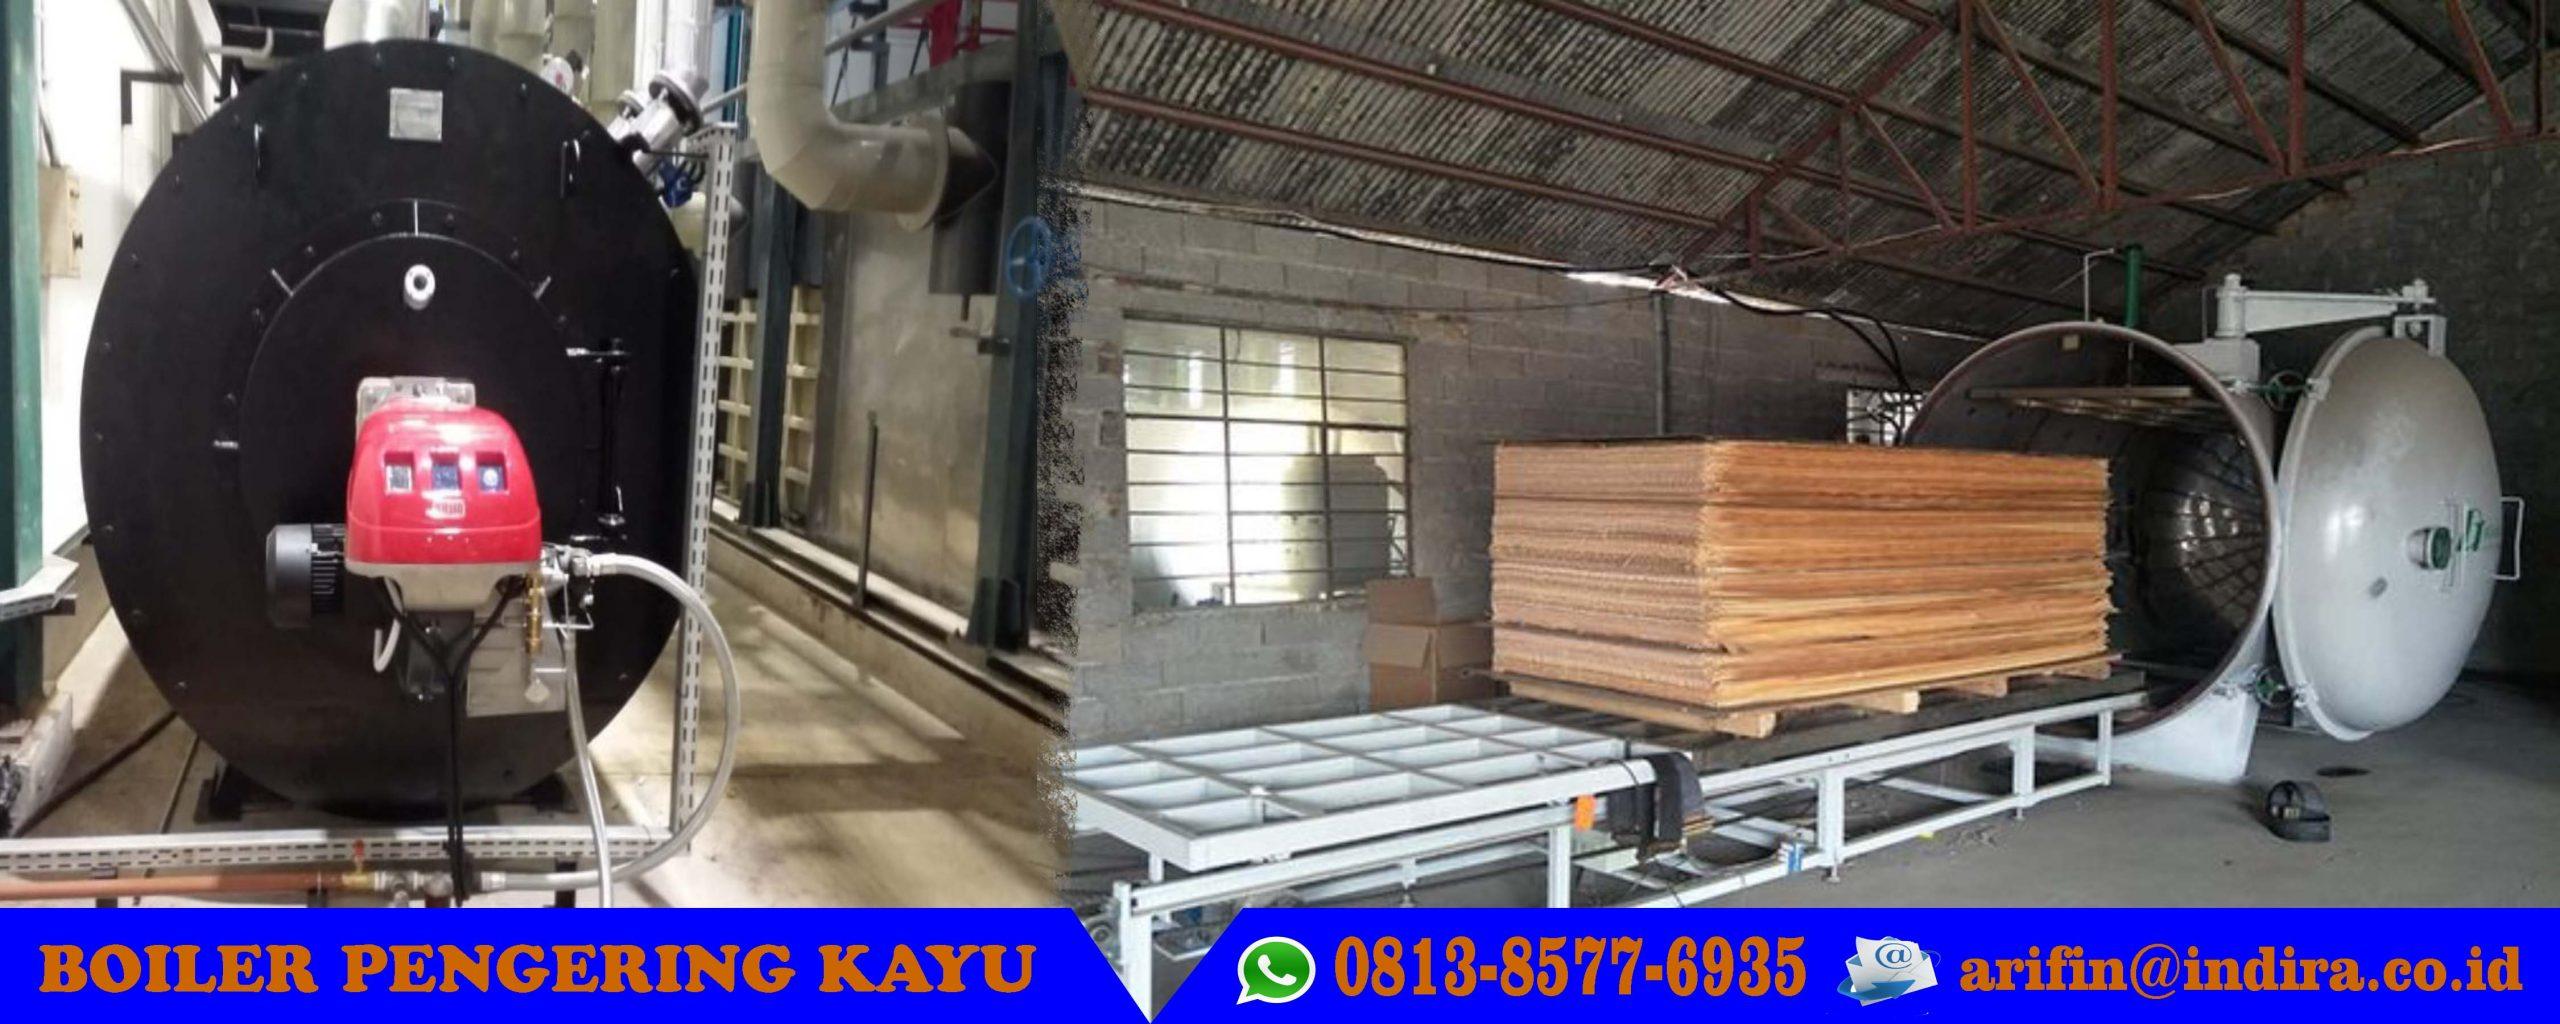 Boiler pemanas kayu